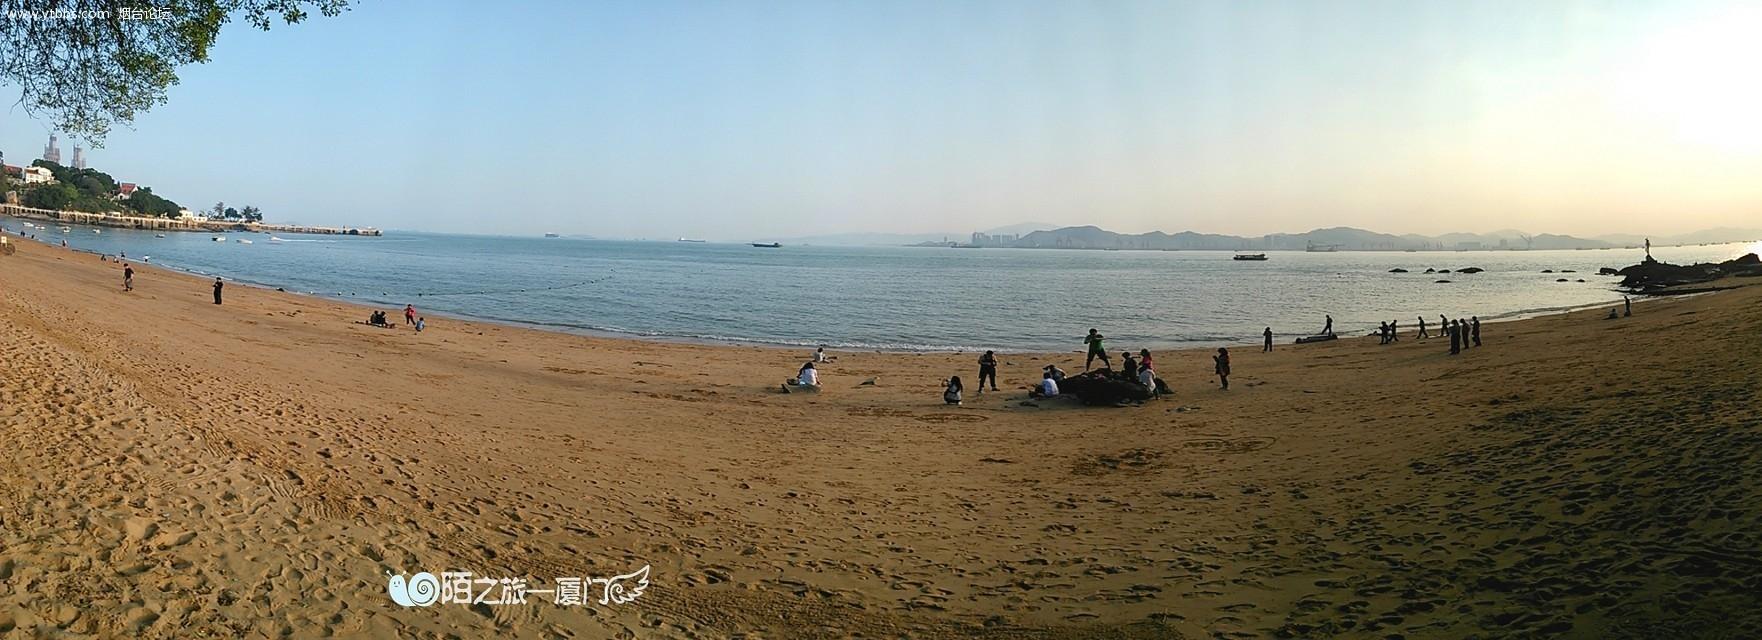 鼓浪屿的海边